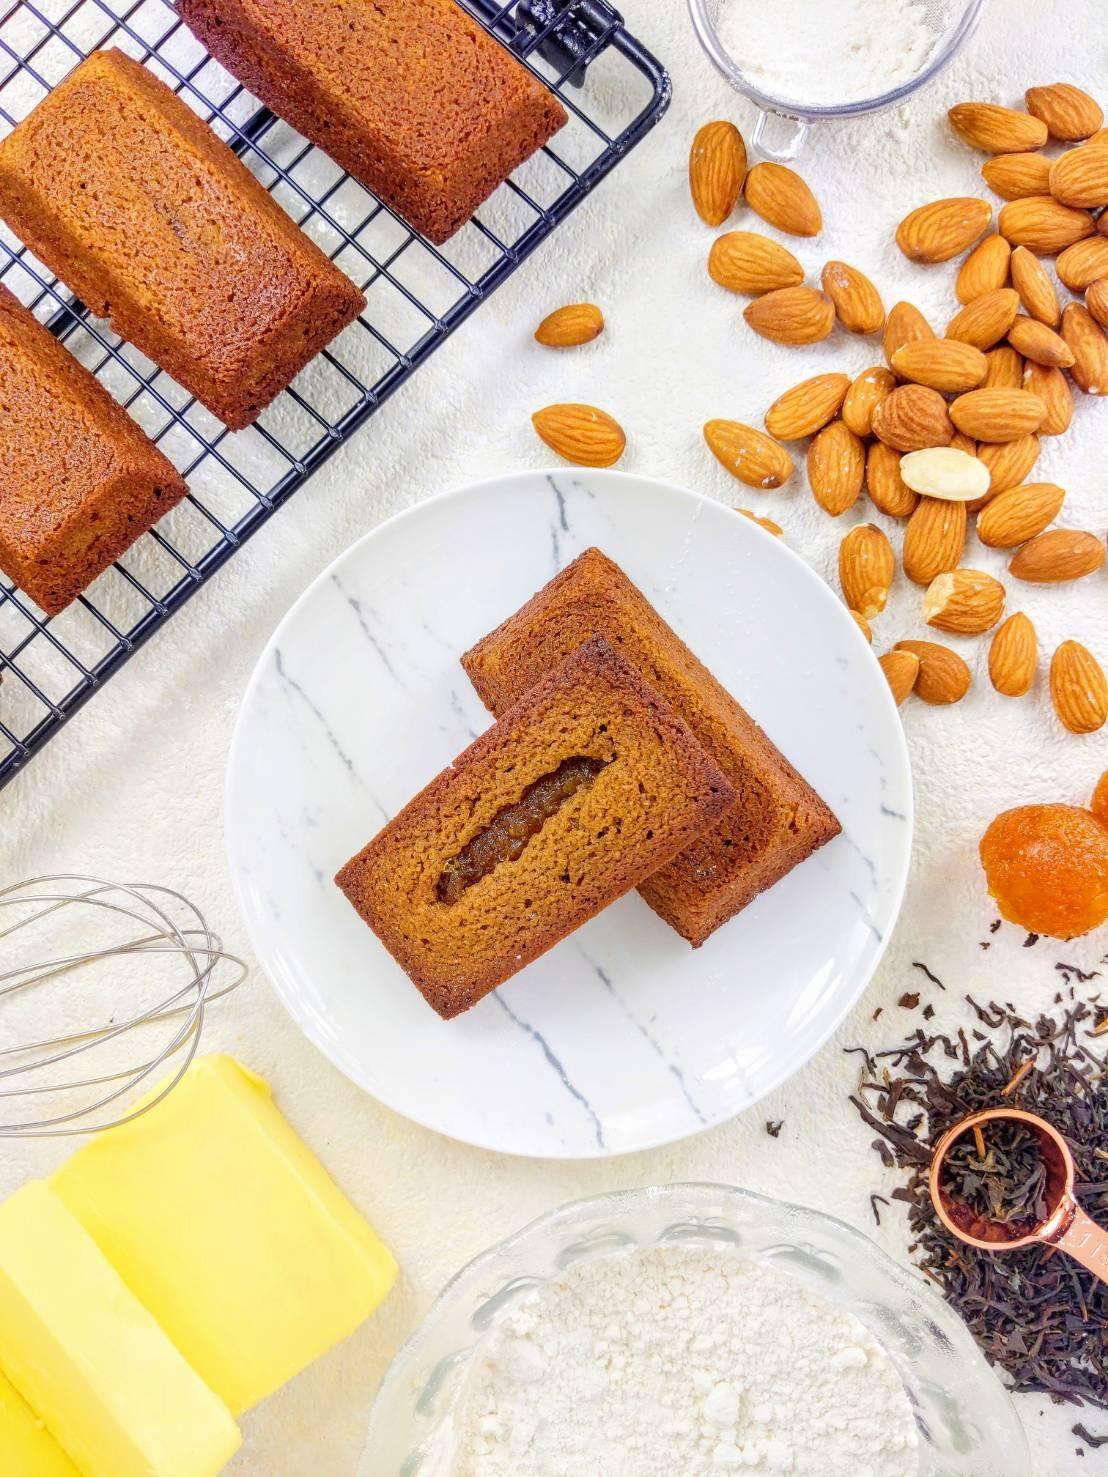 錫蘭金鑽費南雪 #法式手工點心 #甜點 #金鑽鳳梨 #錫蘭紅茶